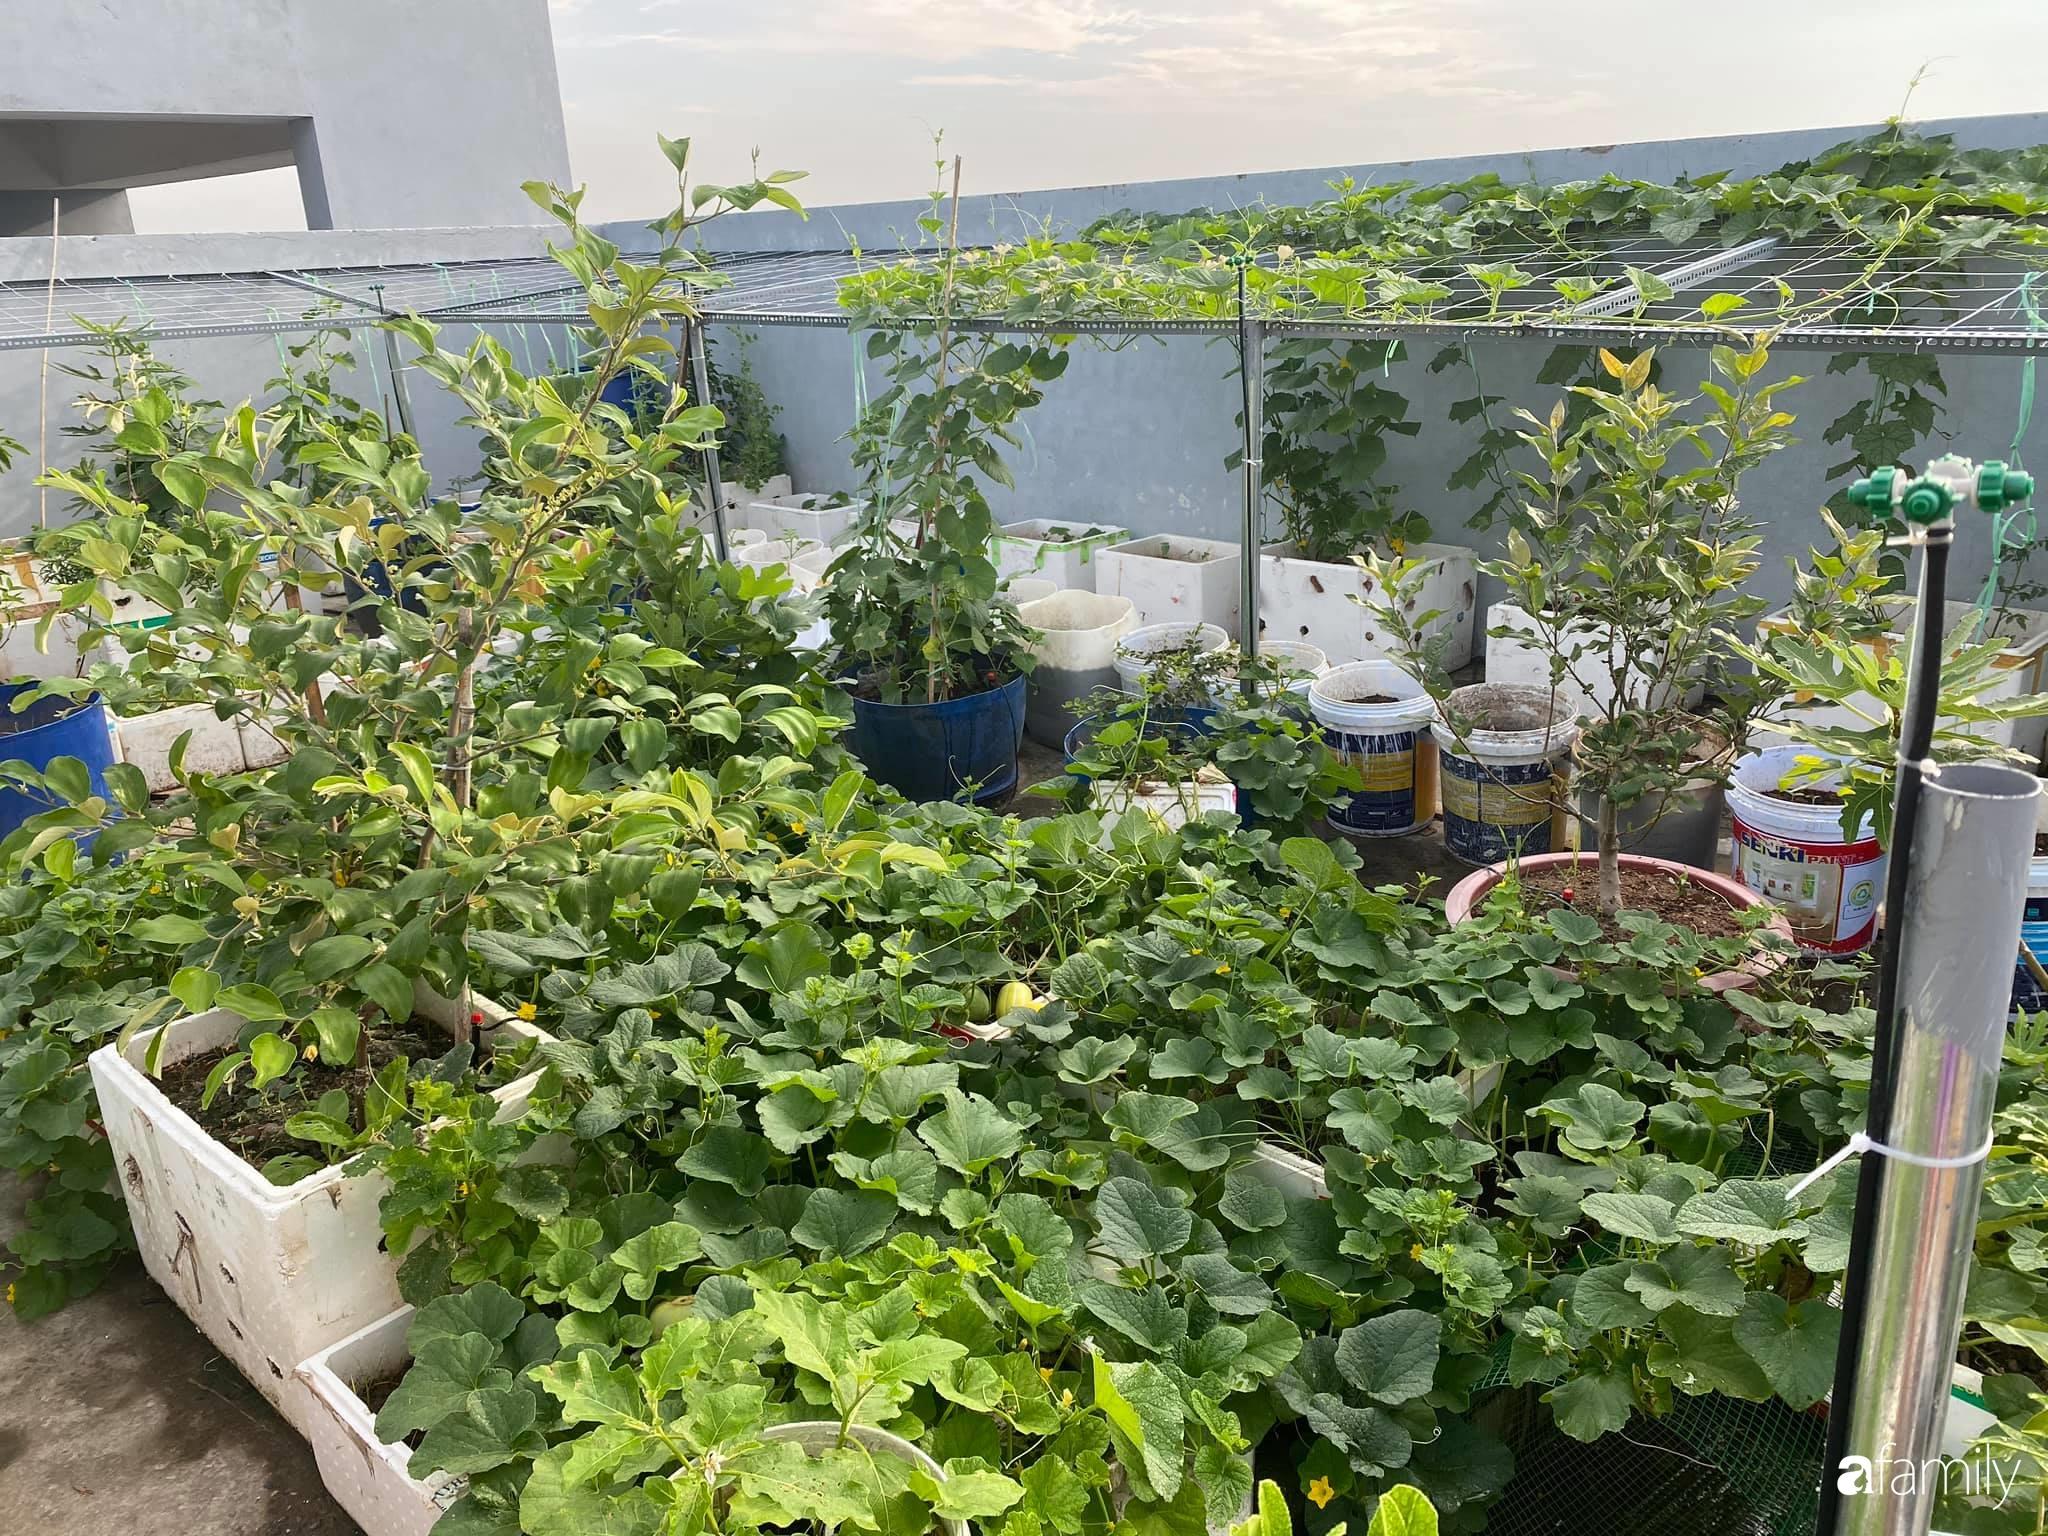 Tận dụng sân thượng chung cư, nữ giám đốc ở Hà Nội đã trồng được một vườn rau đủ loại rau quả sạch với 8 triệu tiền đầu tư